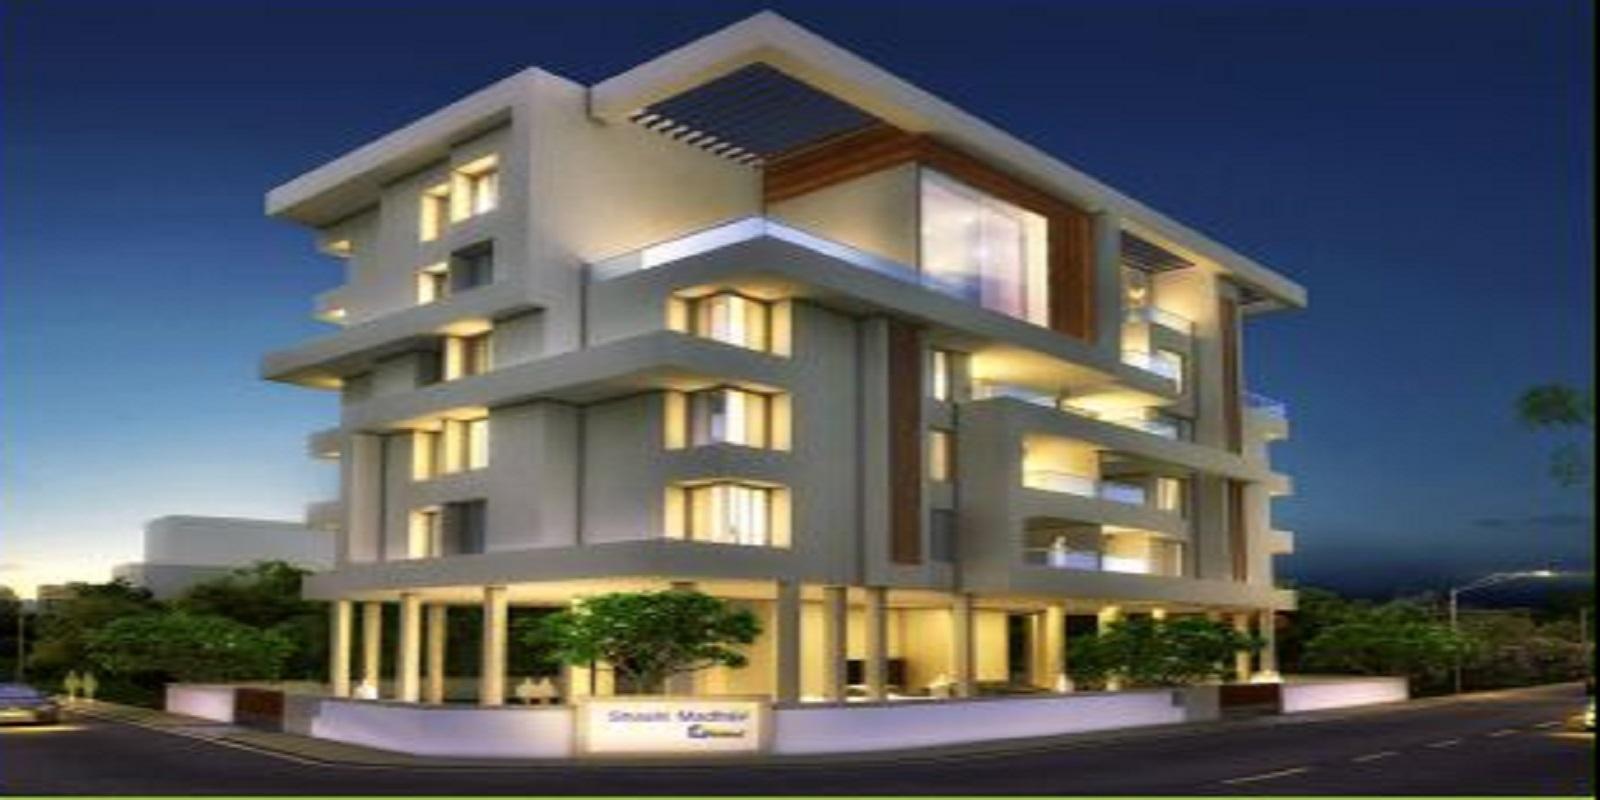 gokhale sashi madhav project project large image1